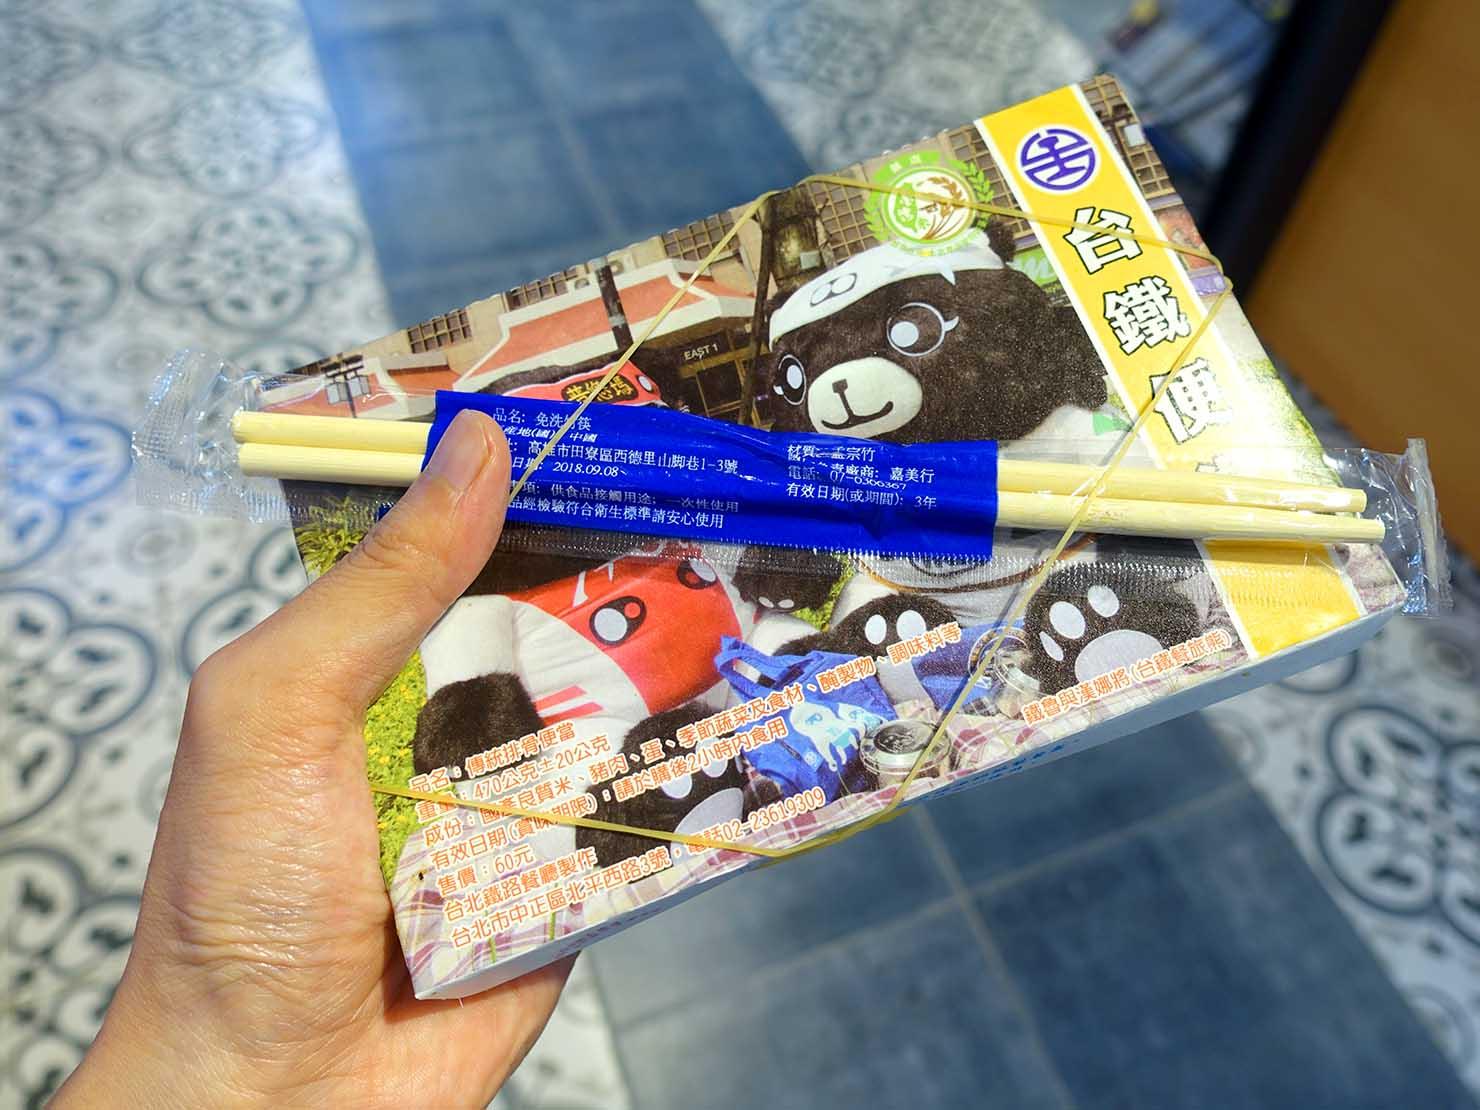 台湾版鉄道弁当・台鐵便當の箱